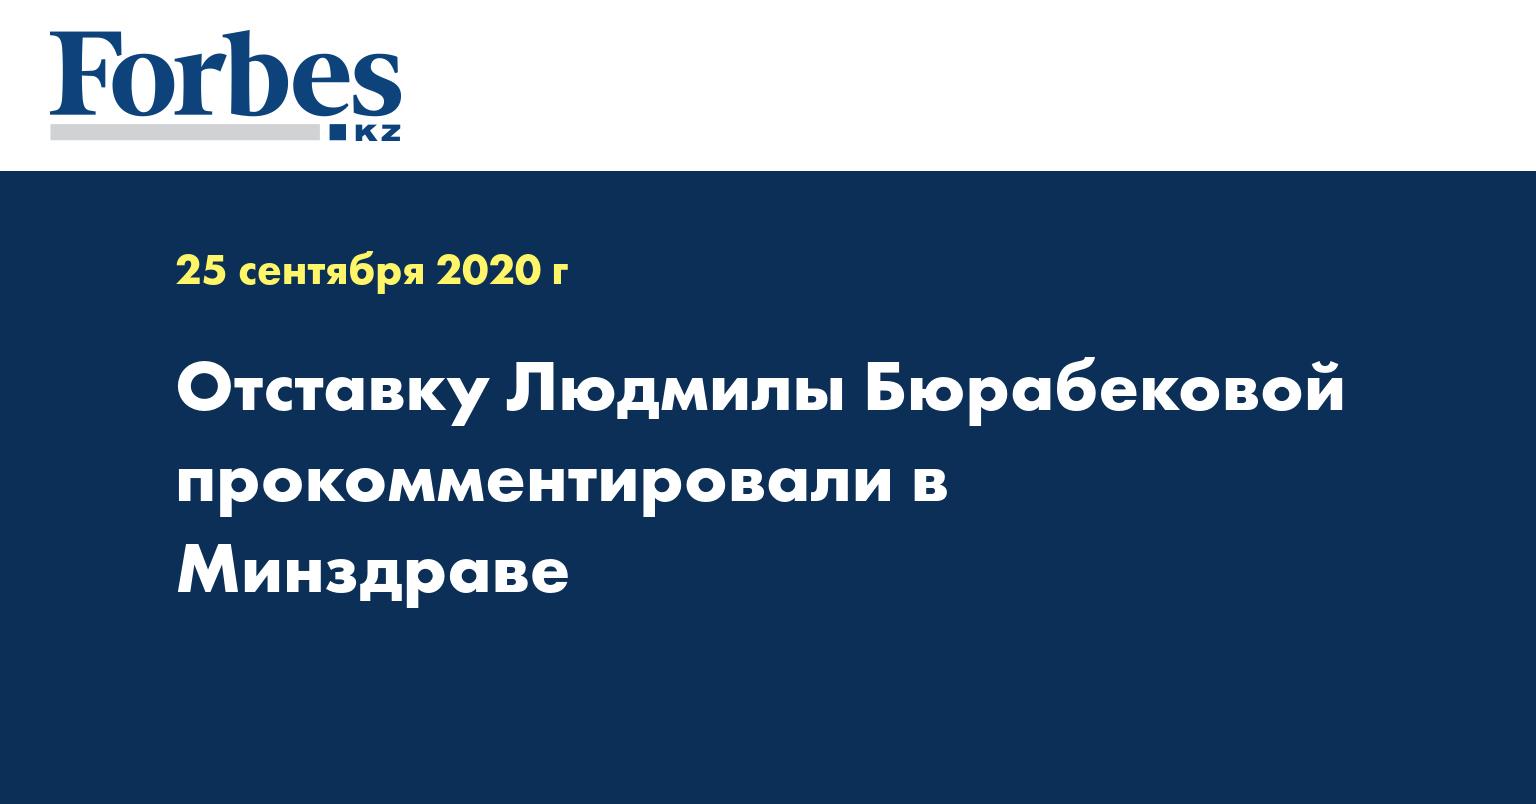 Отставку Людмилы Бюрабековой прокомментировали в Минздраве